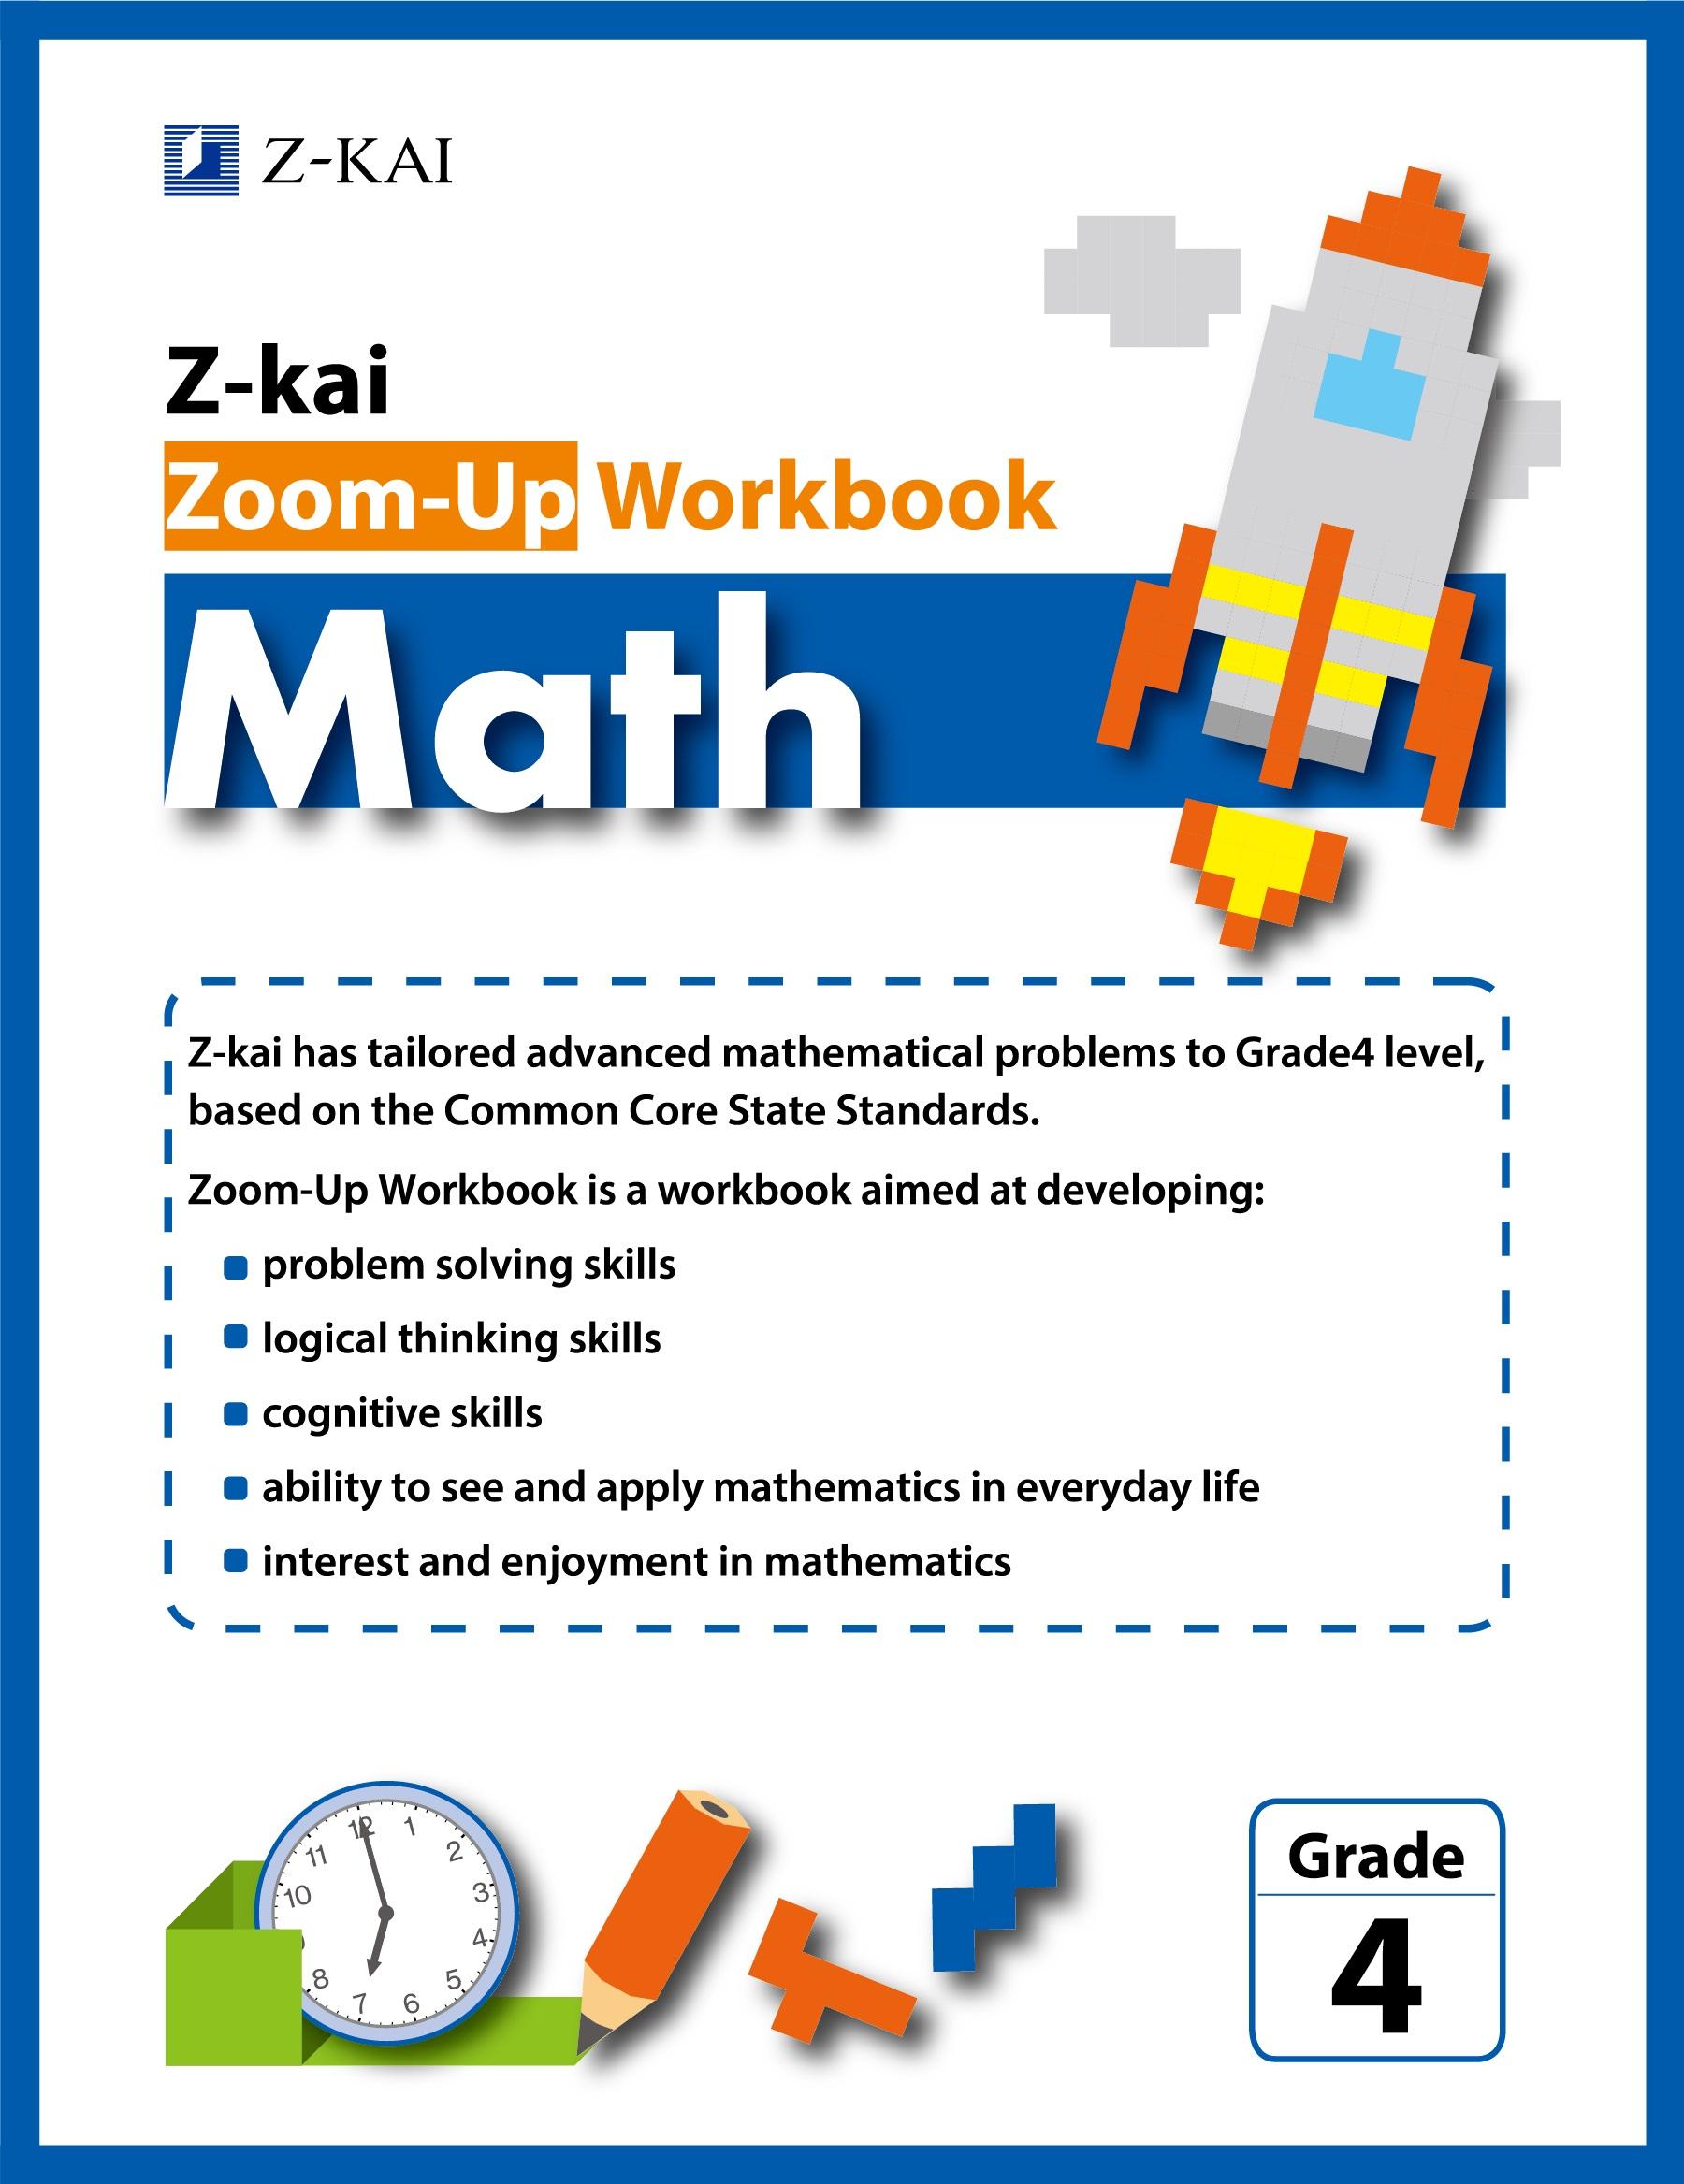 Z-kai Zoom-Up Workbook Math Grade 4